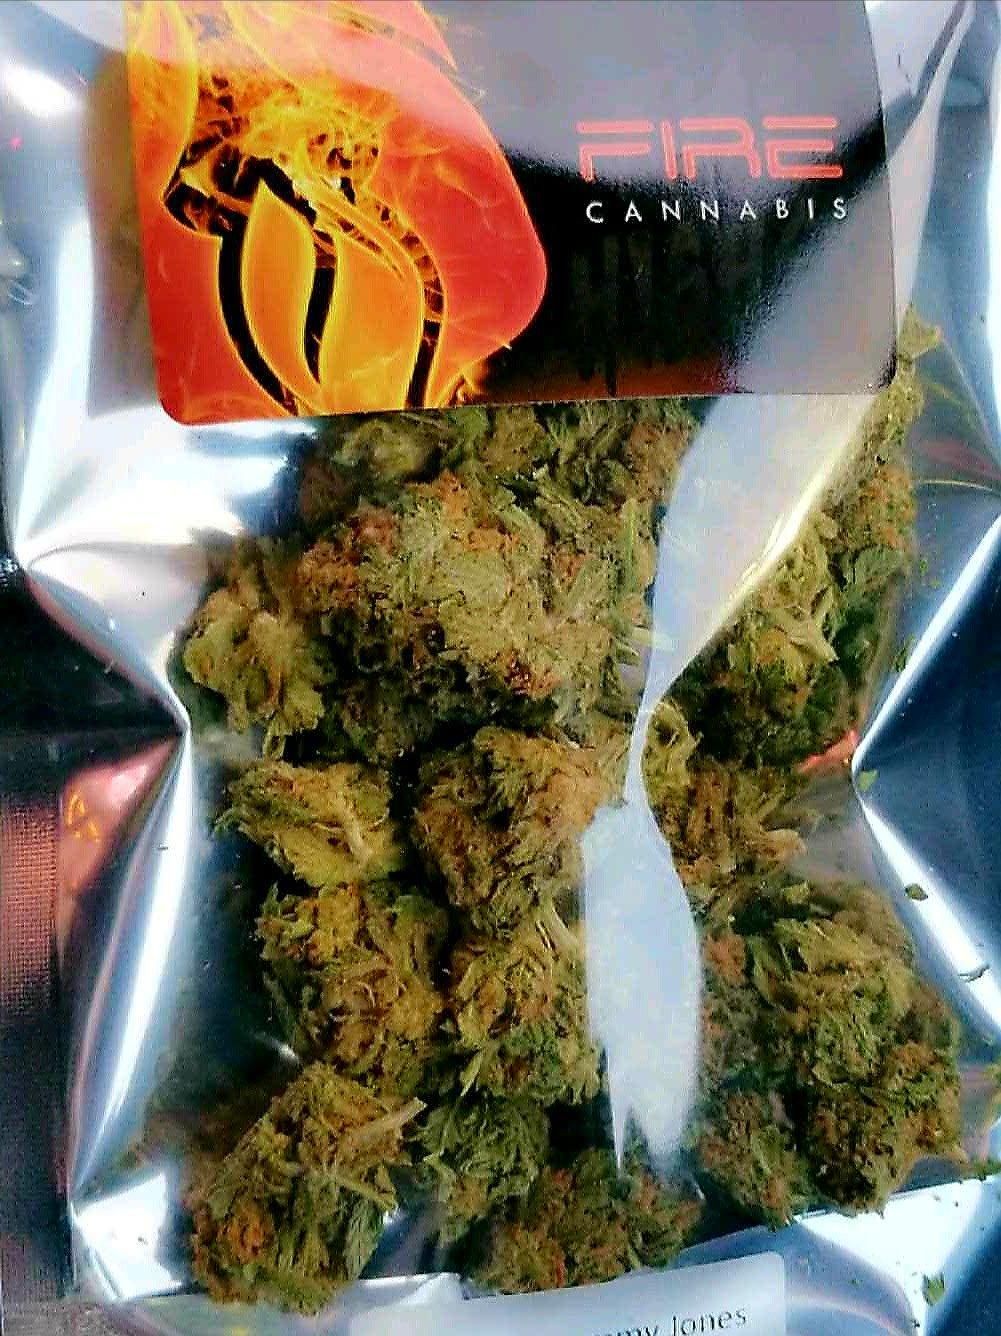 fire cannabis pineapple express